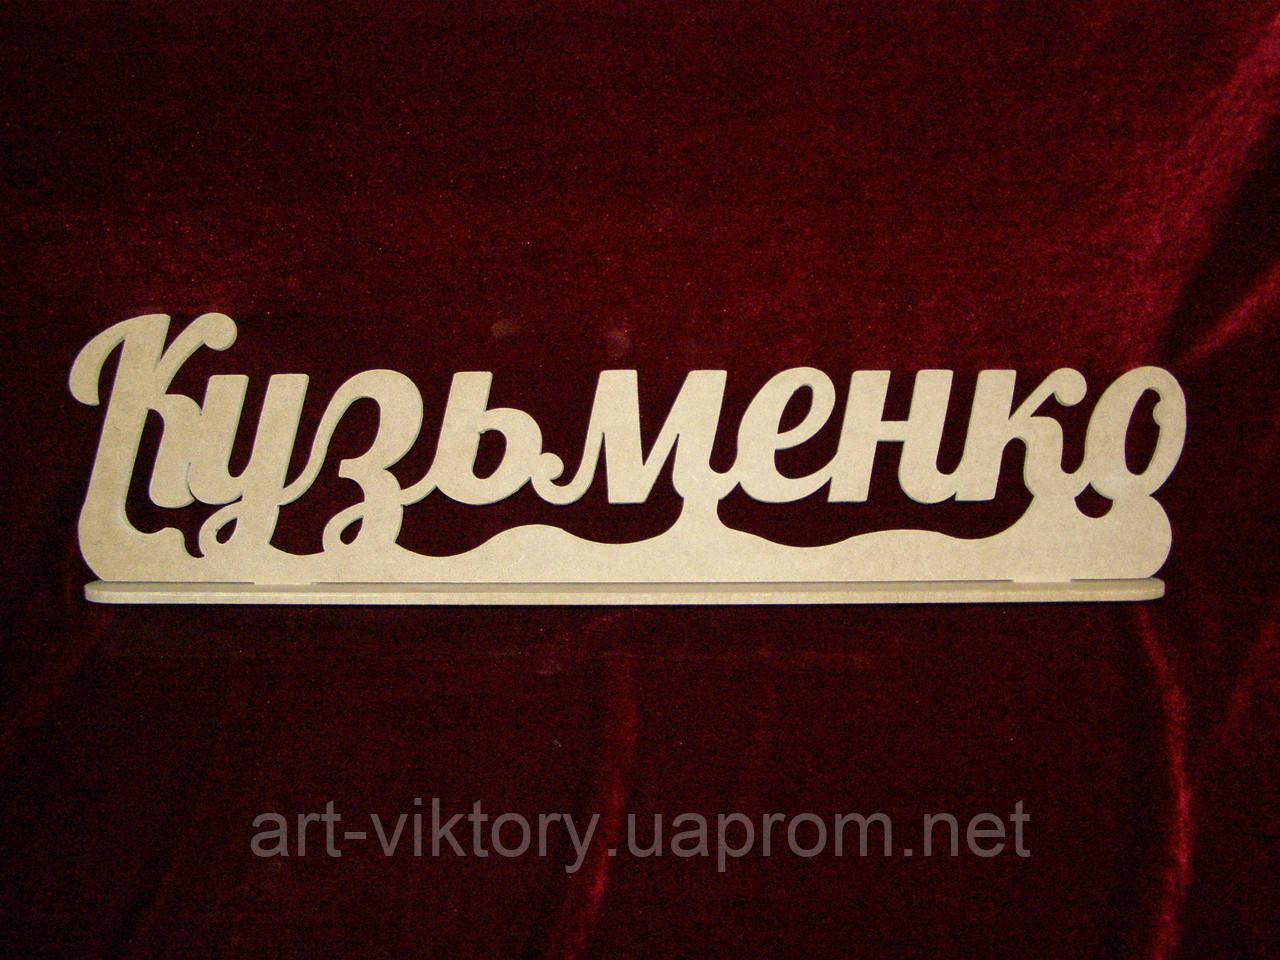 Прізвище на підставці (58 х 15 см), декор